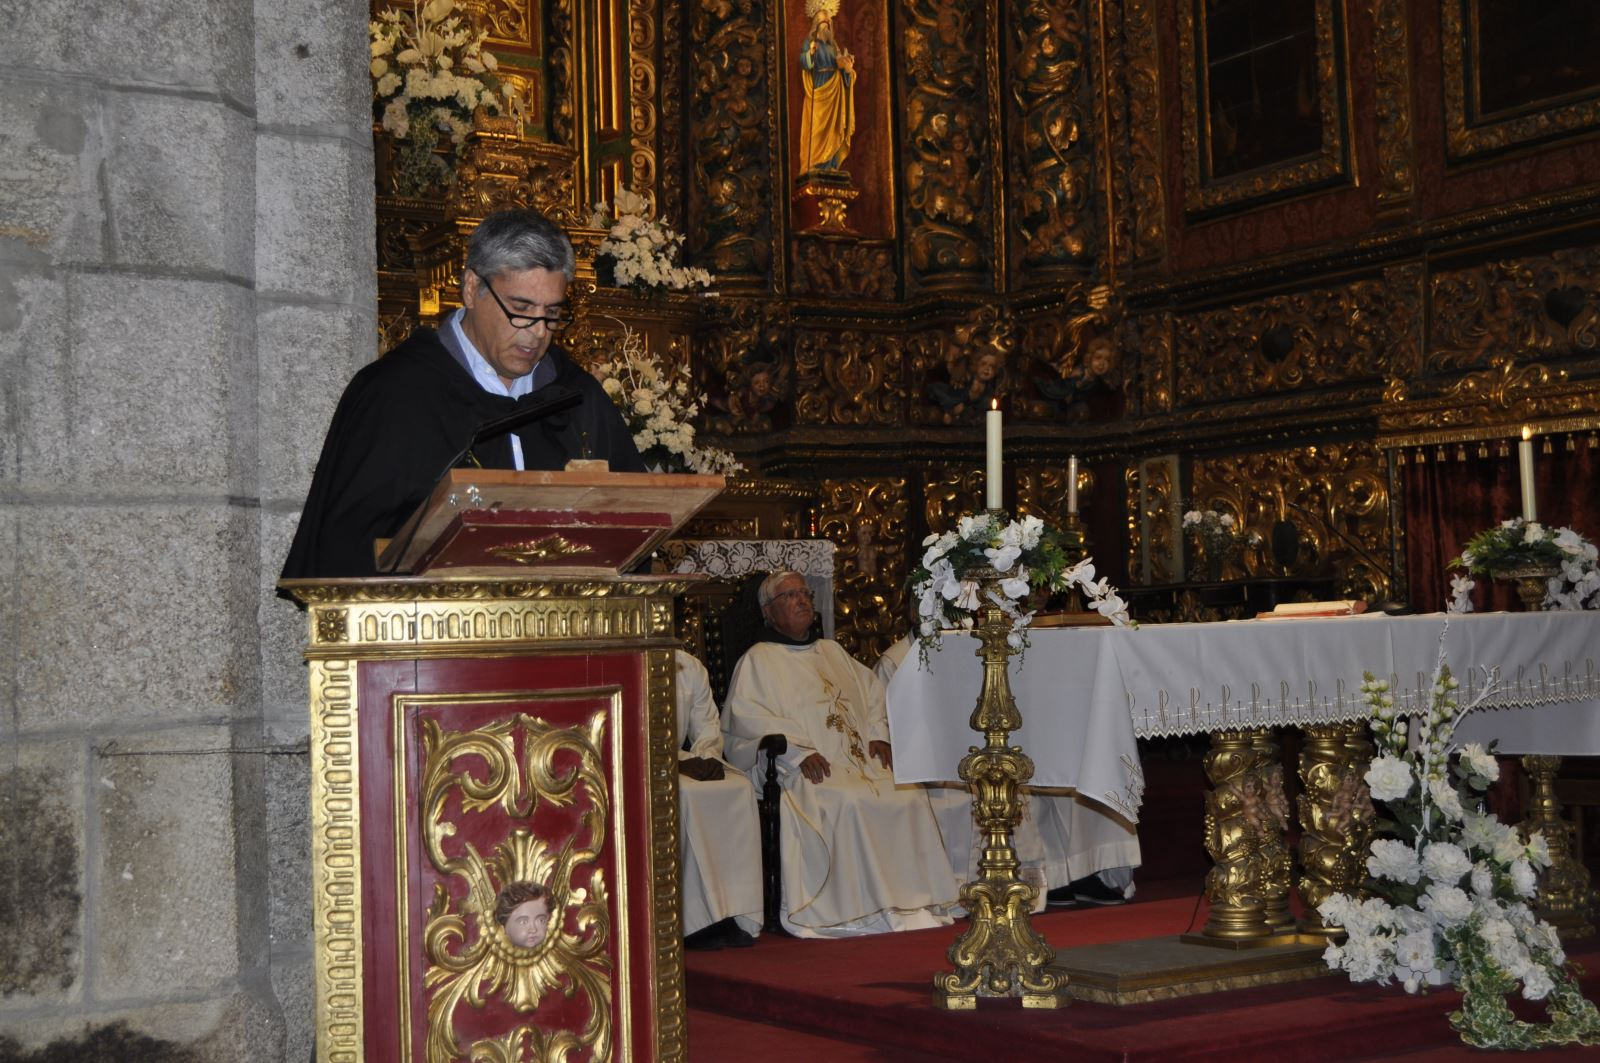 Covilhã | Refletir sobre a atualidade dos princípios franciscanos